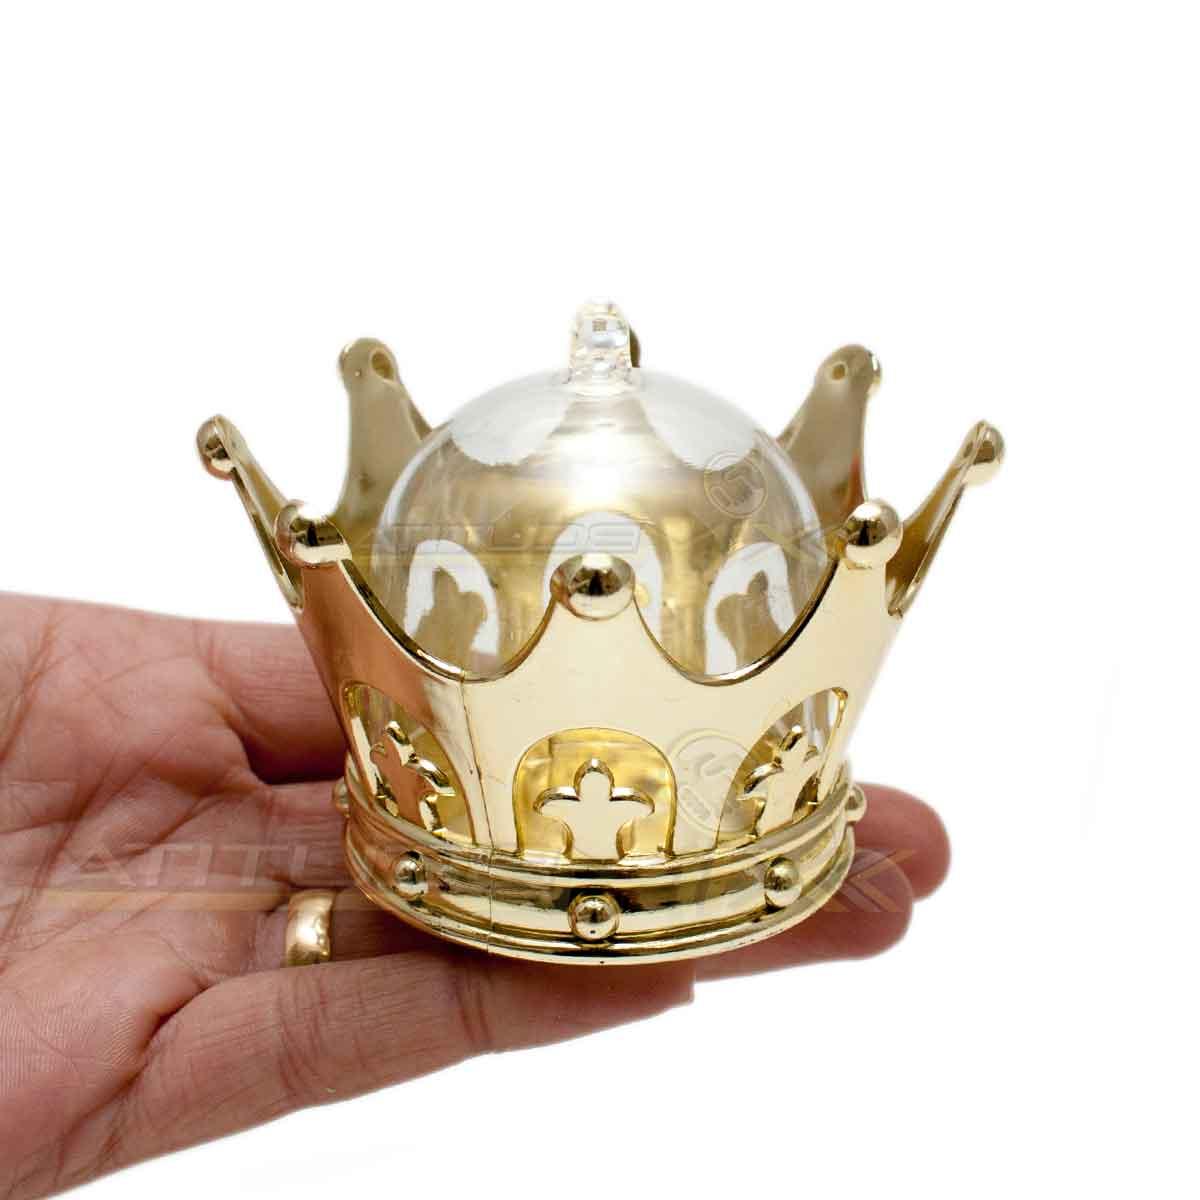 Kit 12 Cúpulas Douradas Coroa Lembrancinha Decoração Festas